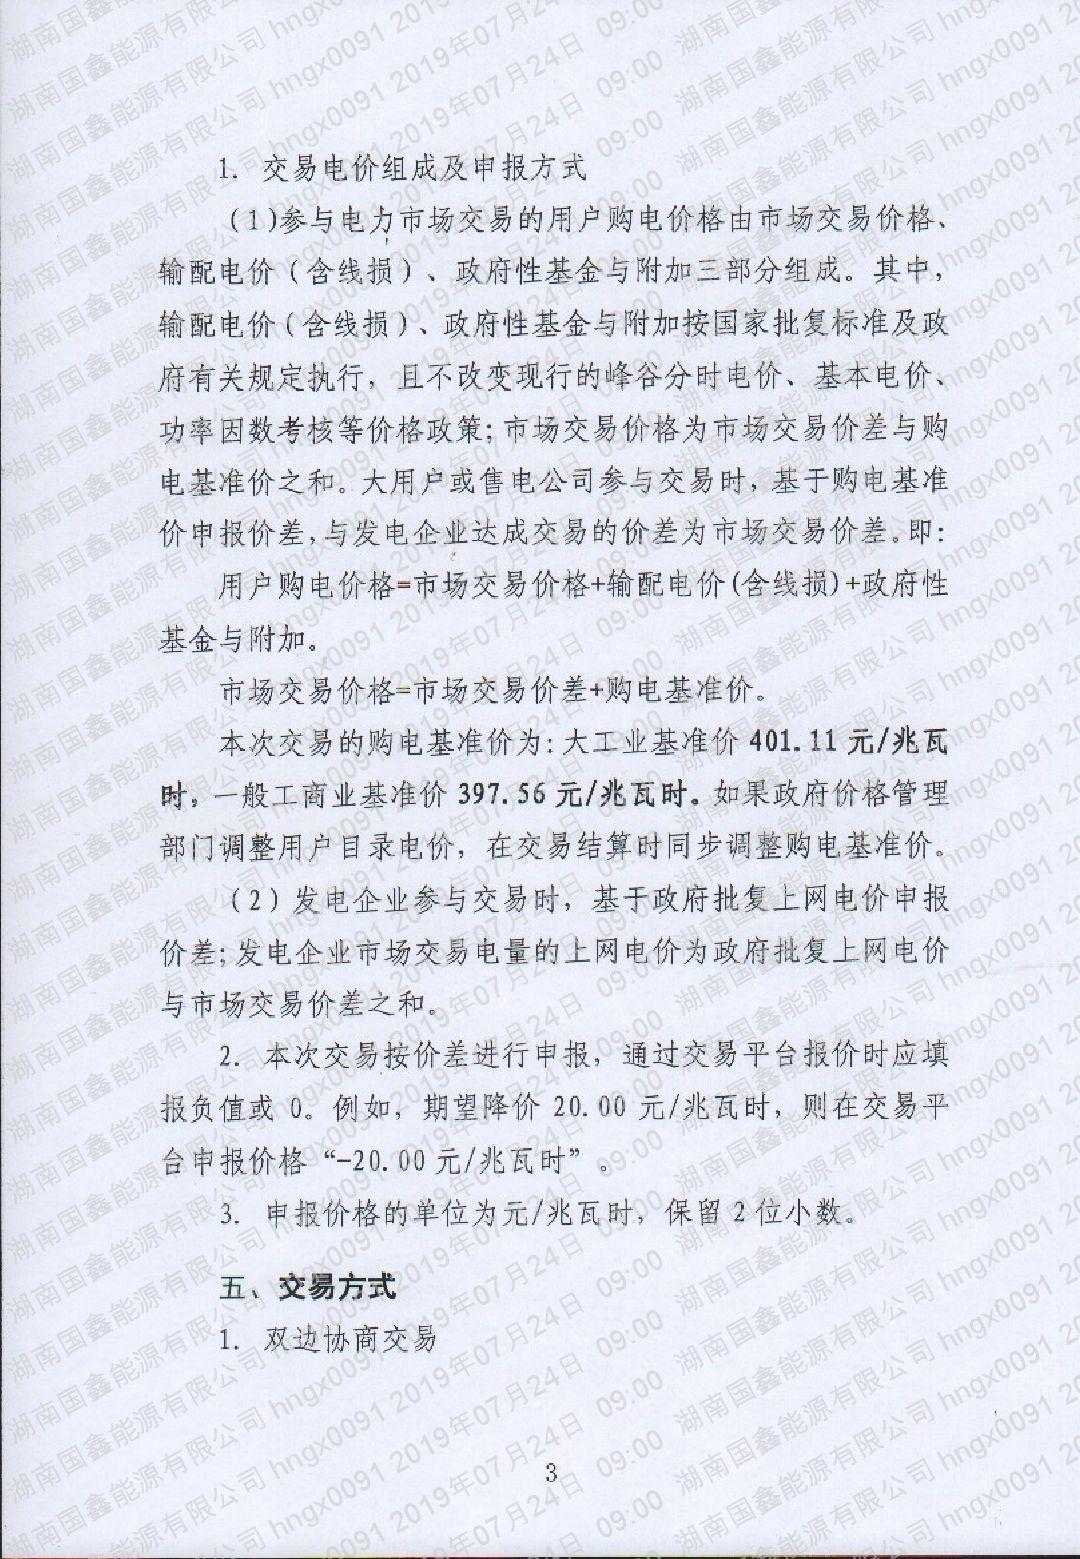 2019年8月湖南電力市場交易的公告(2019年16號).pdf_page_3_compressed.jpg